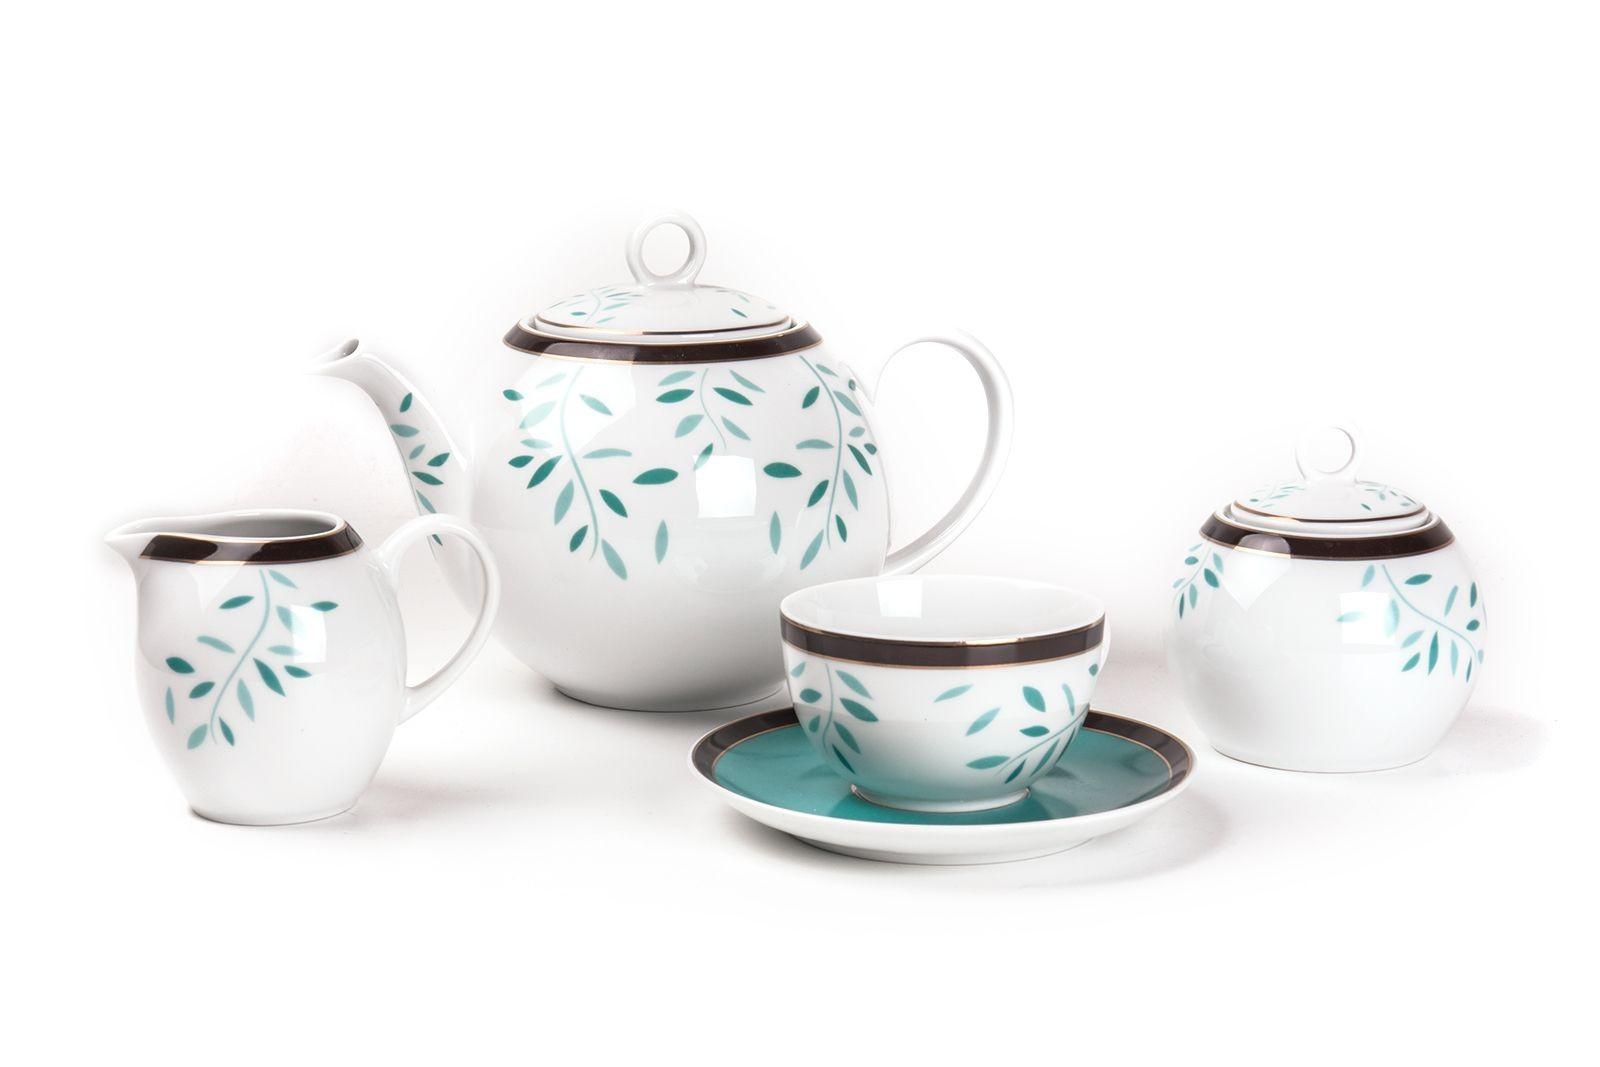 Фарфоровый чайный сервиз на 6 персон LAURETTE MONALISA